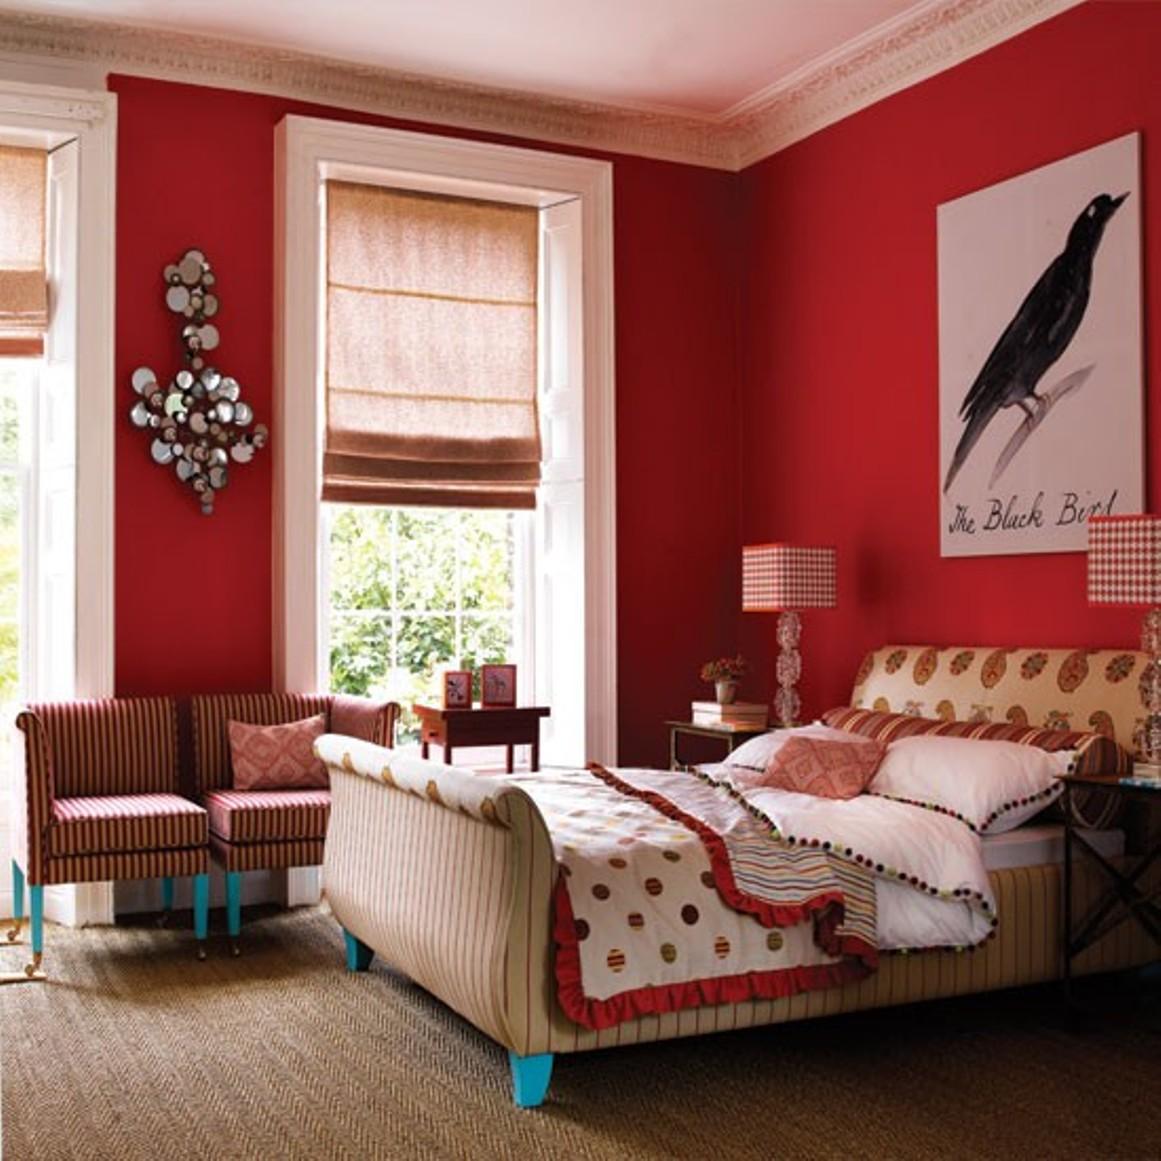 6 inspiring valentines day bedroom renovation decoration ideas. Black Bedroom Furniture Sets. Home Design Ideas